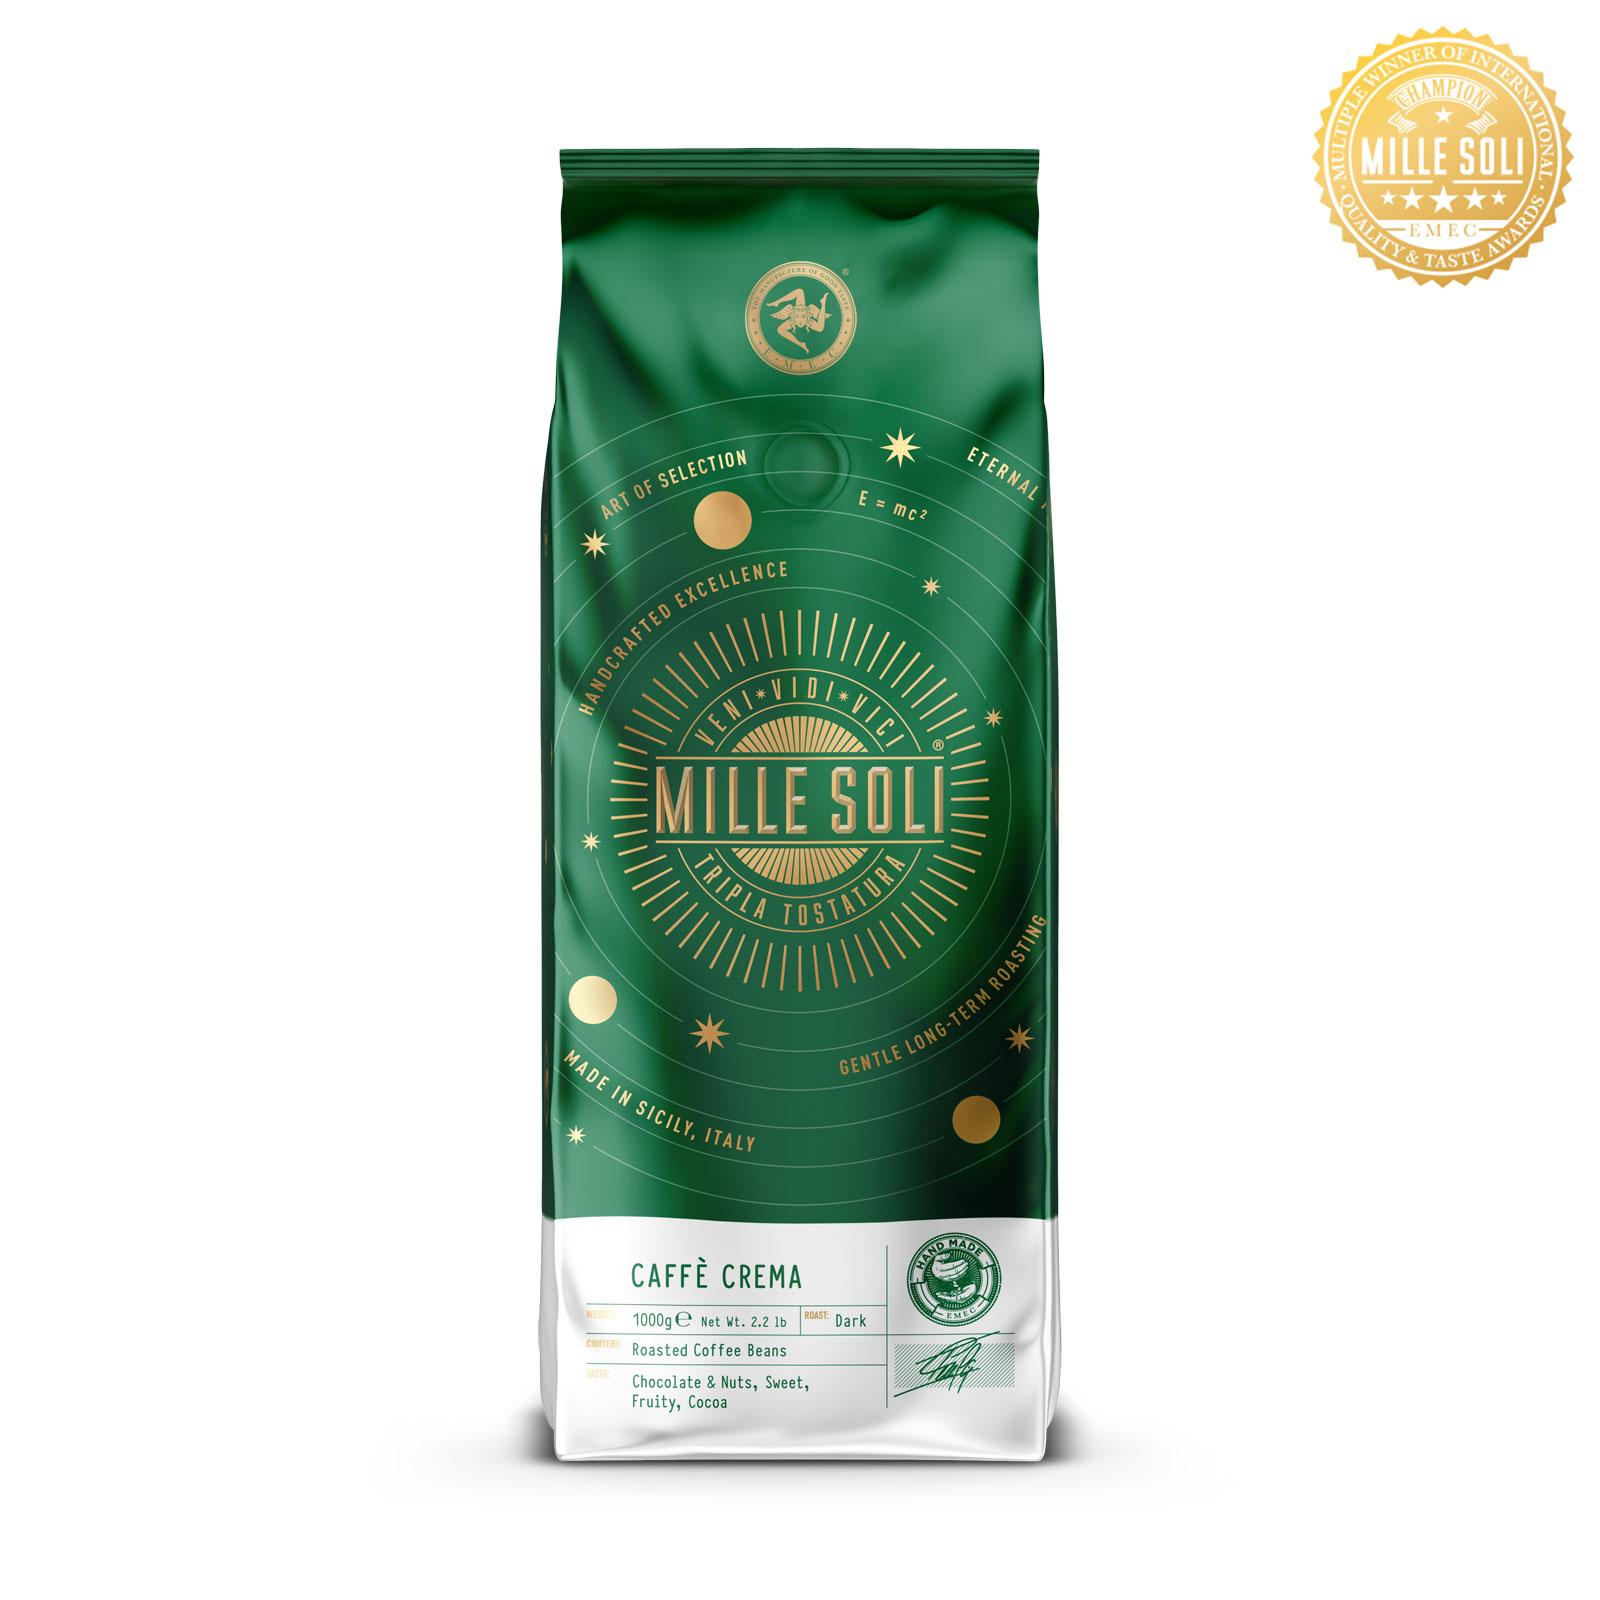 MILLE SOLI - Caffè Crema - 1000g - Bohnen